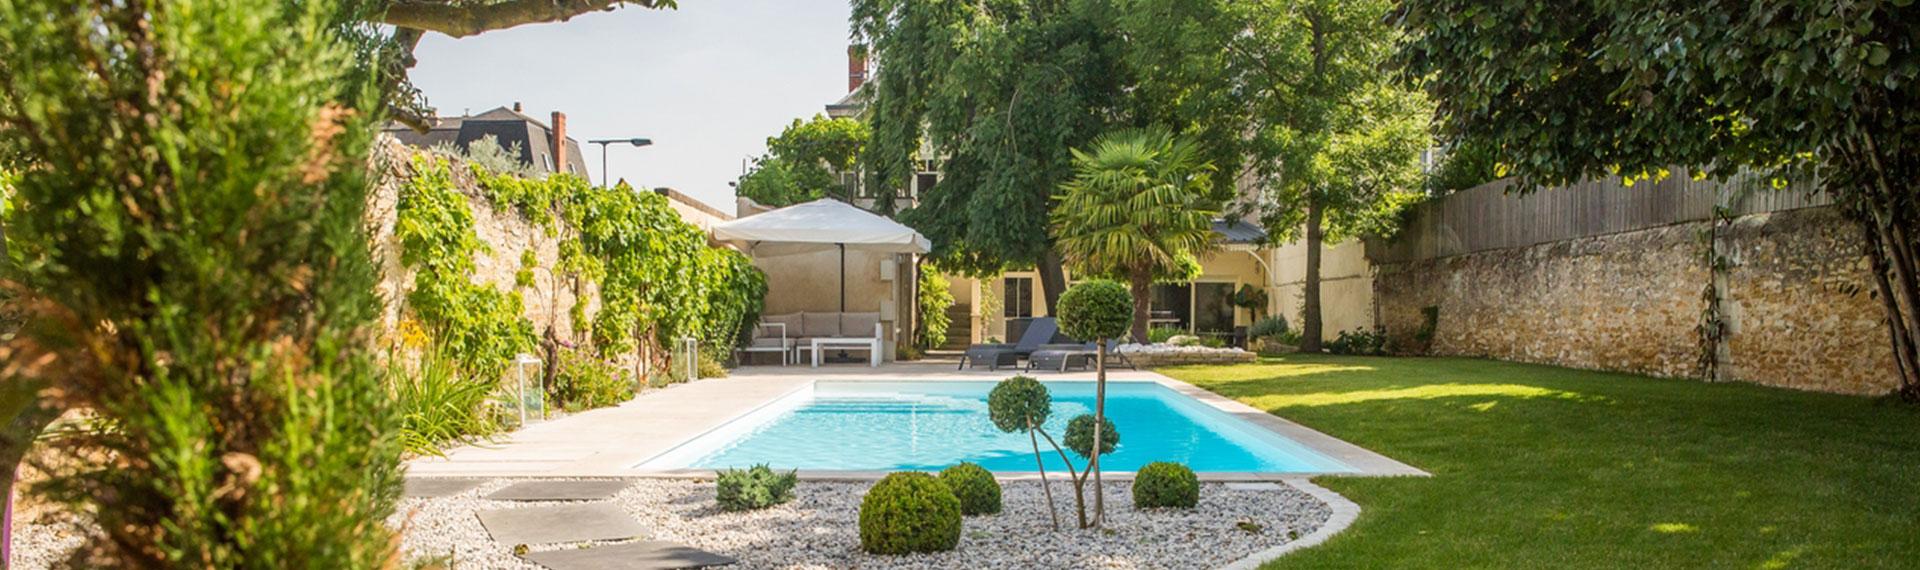 loire piscine jardin 40 ans d